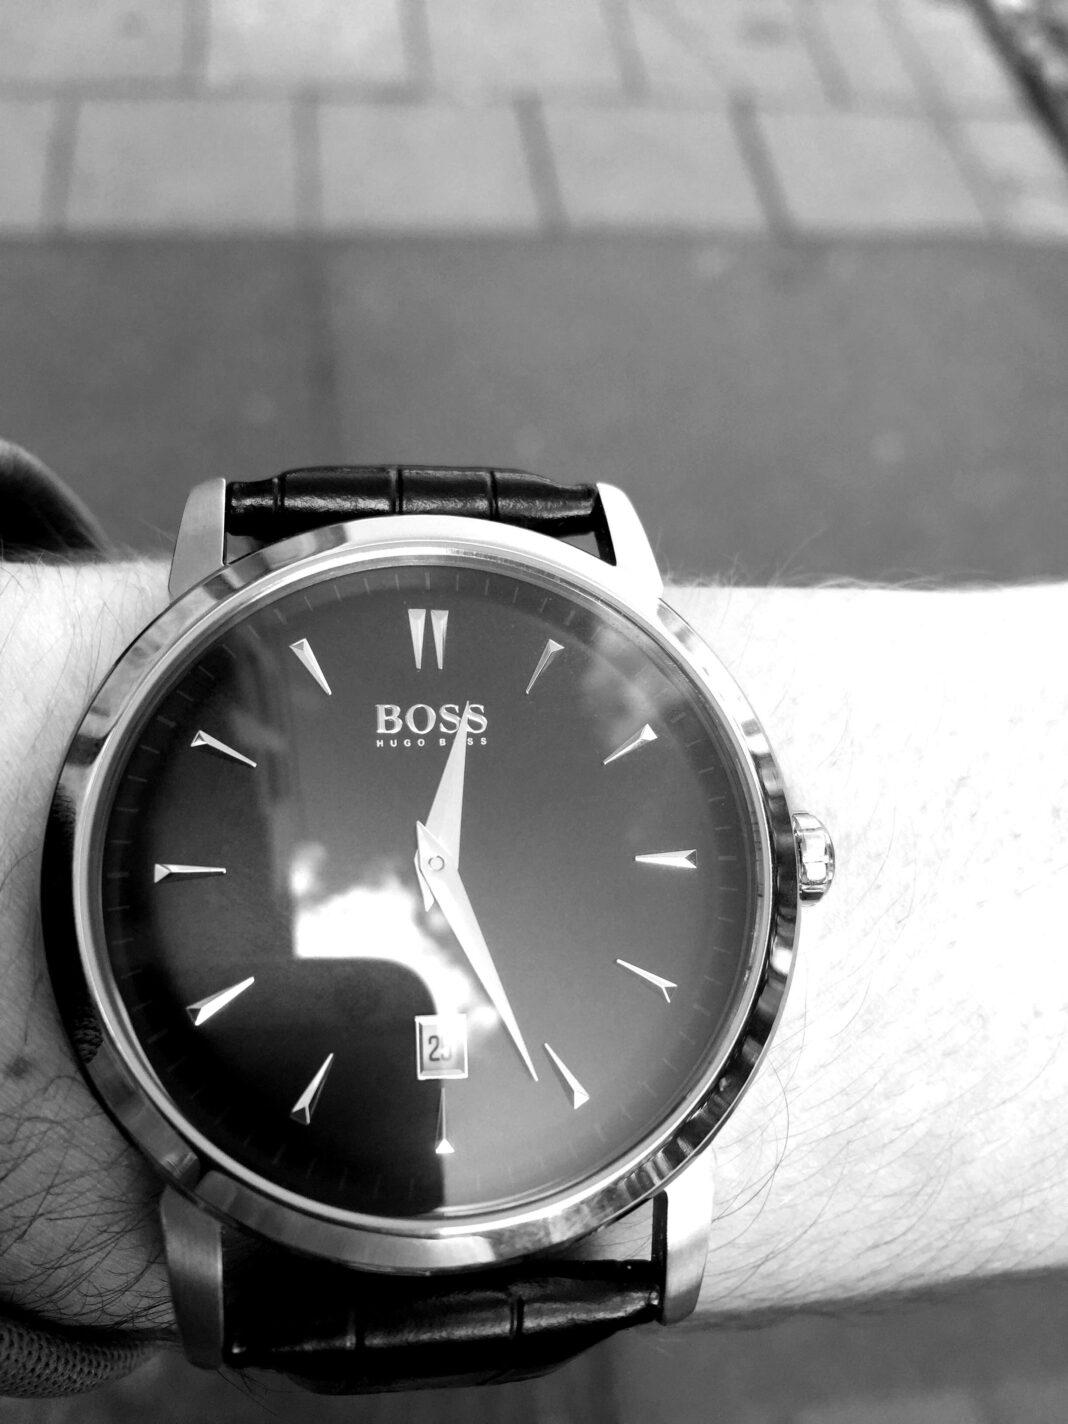 Zegarek - szczęśliwi czasu nie mierzą